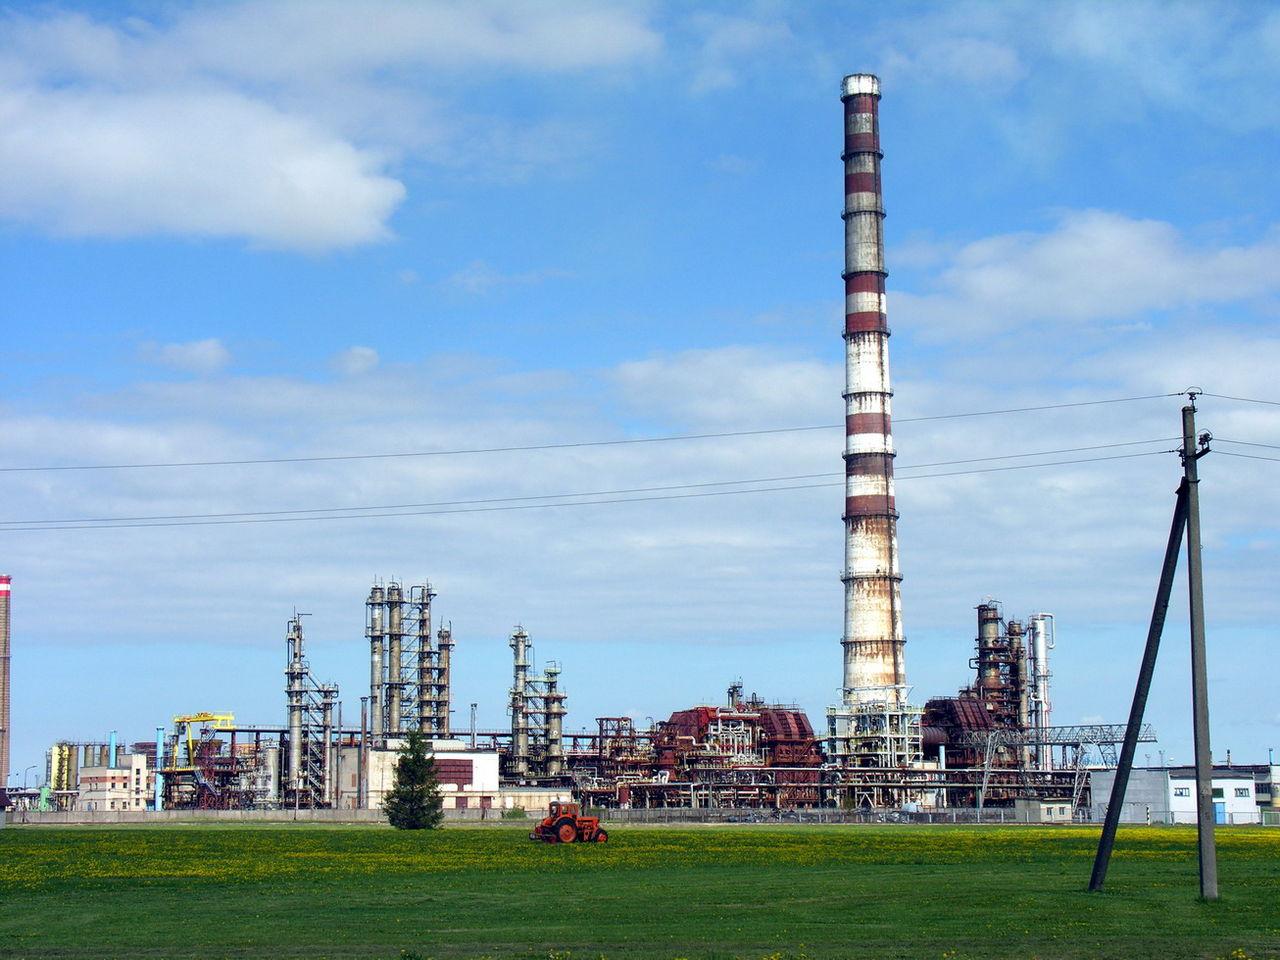 """Echa rozmowy Sikorski-Krawiec: """"Rozmowy o sprzedaży przez rząd Platformy Obywatelskiej rafinerii Orlenu w Możejkach na Litwie ocierają się o zdradę narodową"""""""